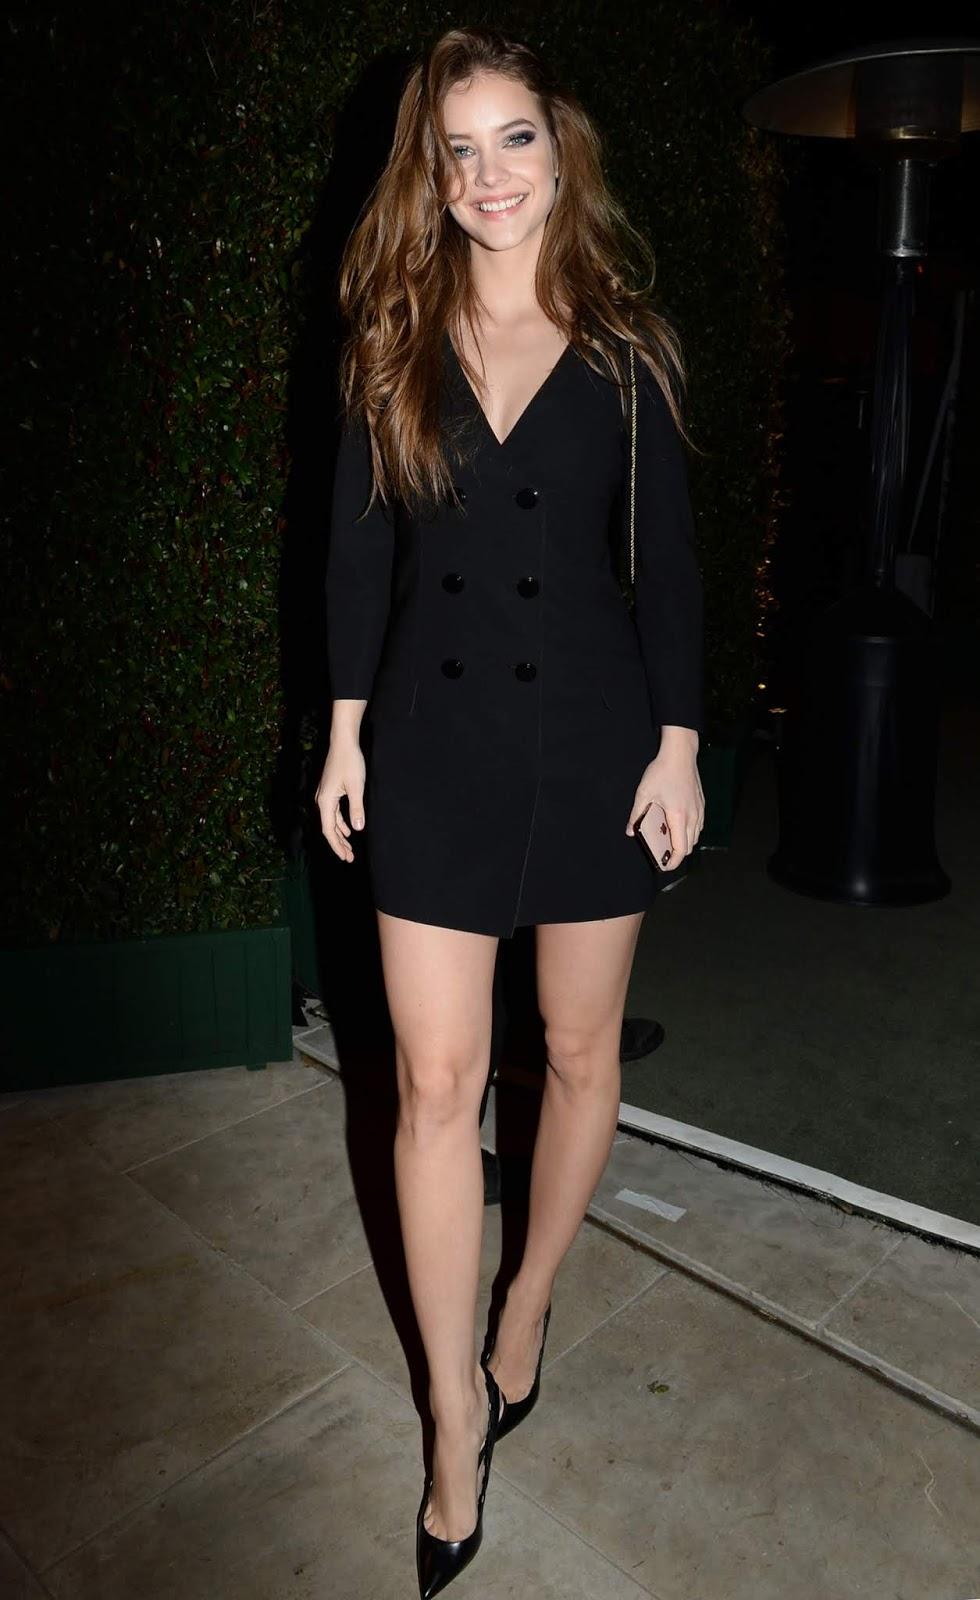 Barbara Palvin - WME Pre-Oscar Party in LA February - 02/22/2019